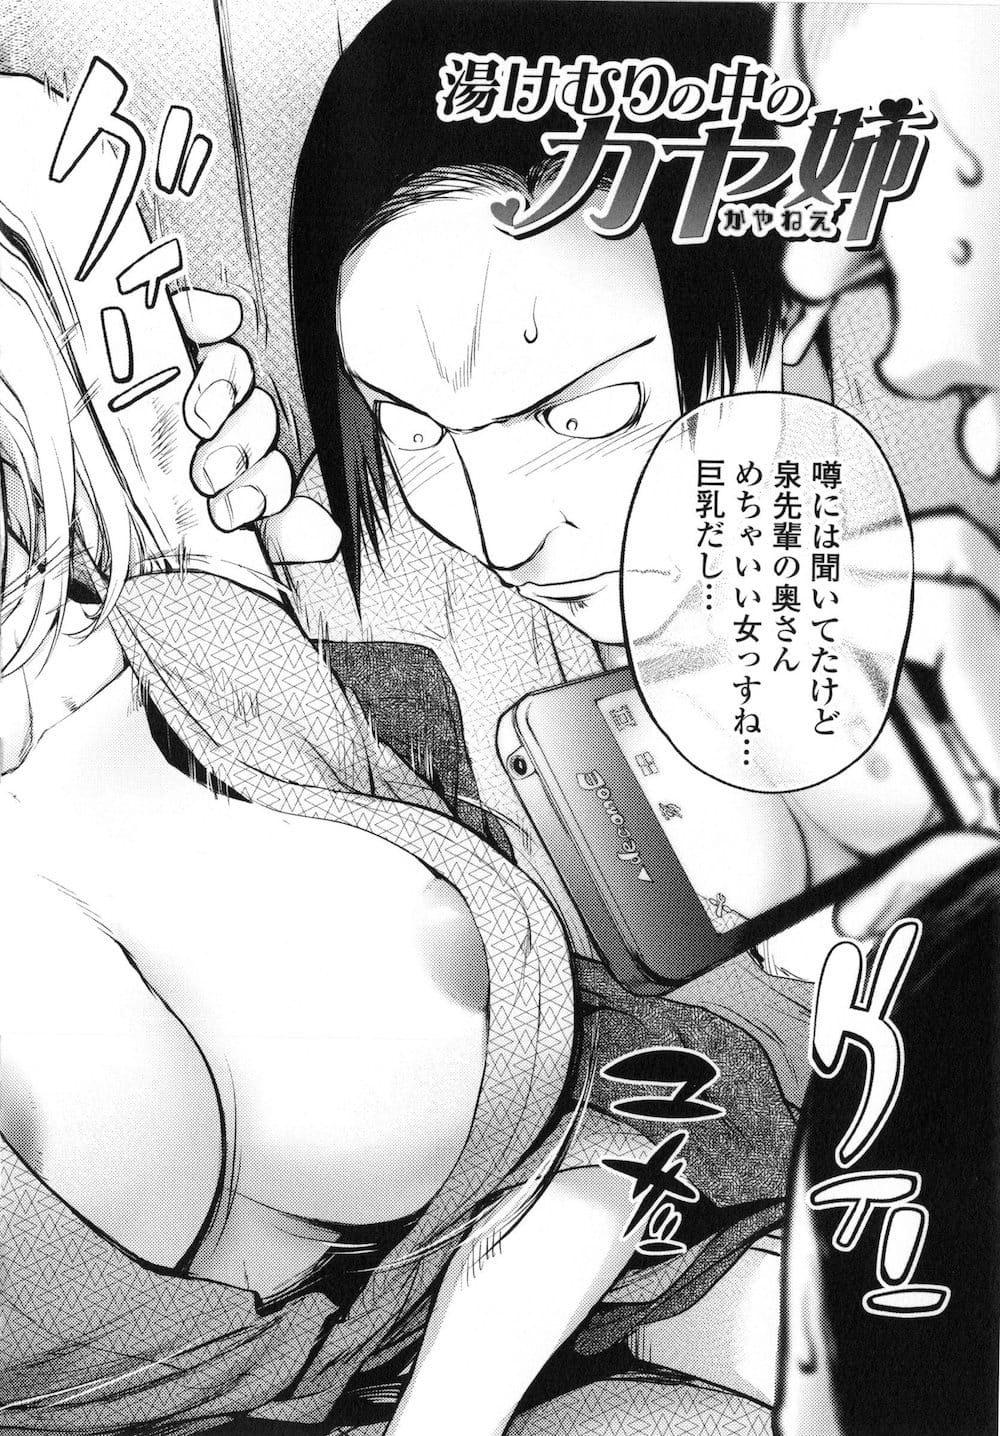 【エロ同人・エロ漫画】男だらけの社員旅行についてきた巨乳妻が夫の見ていないところで社員たちと乱交www